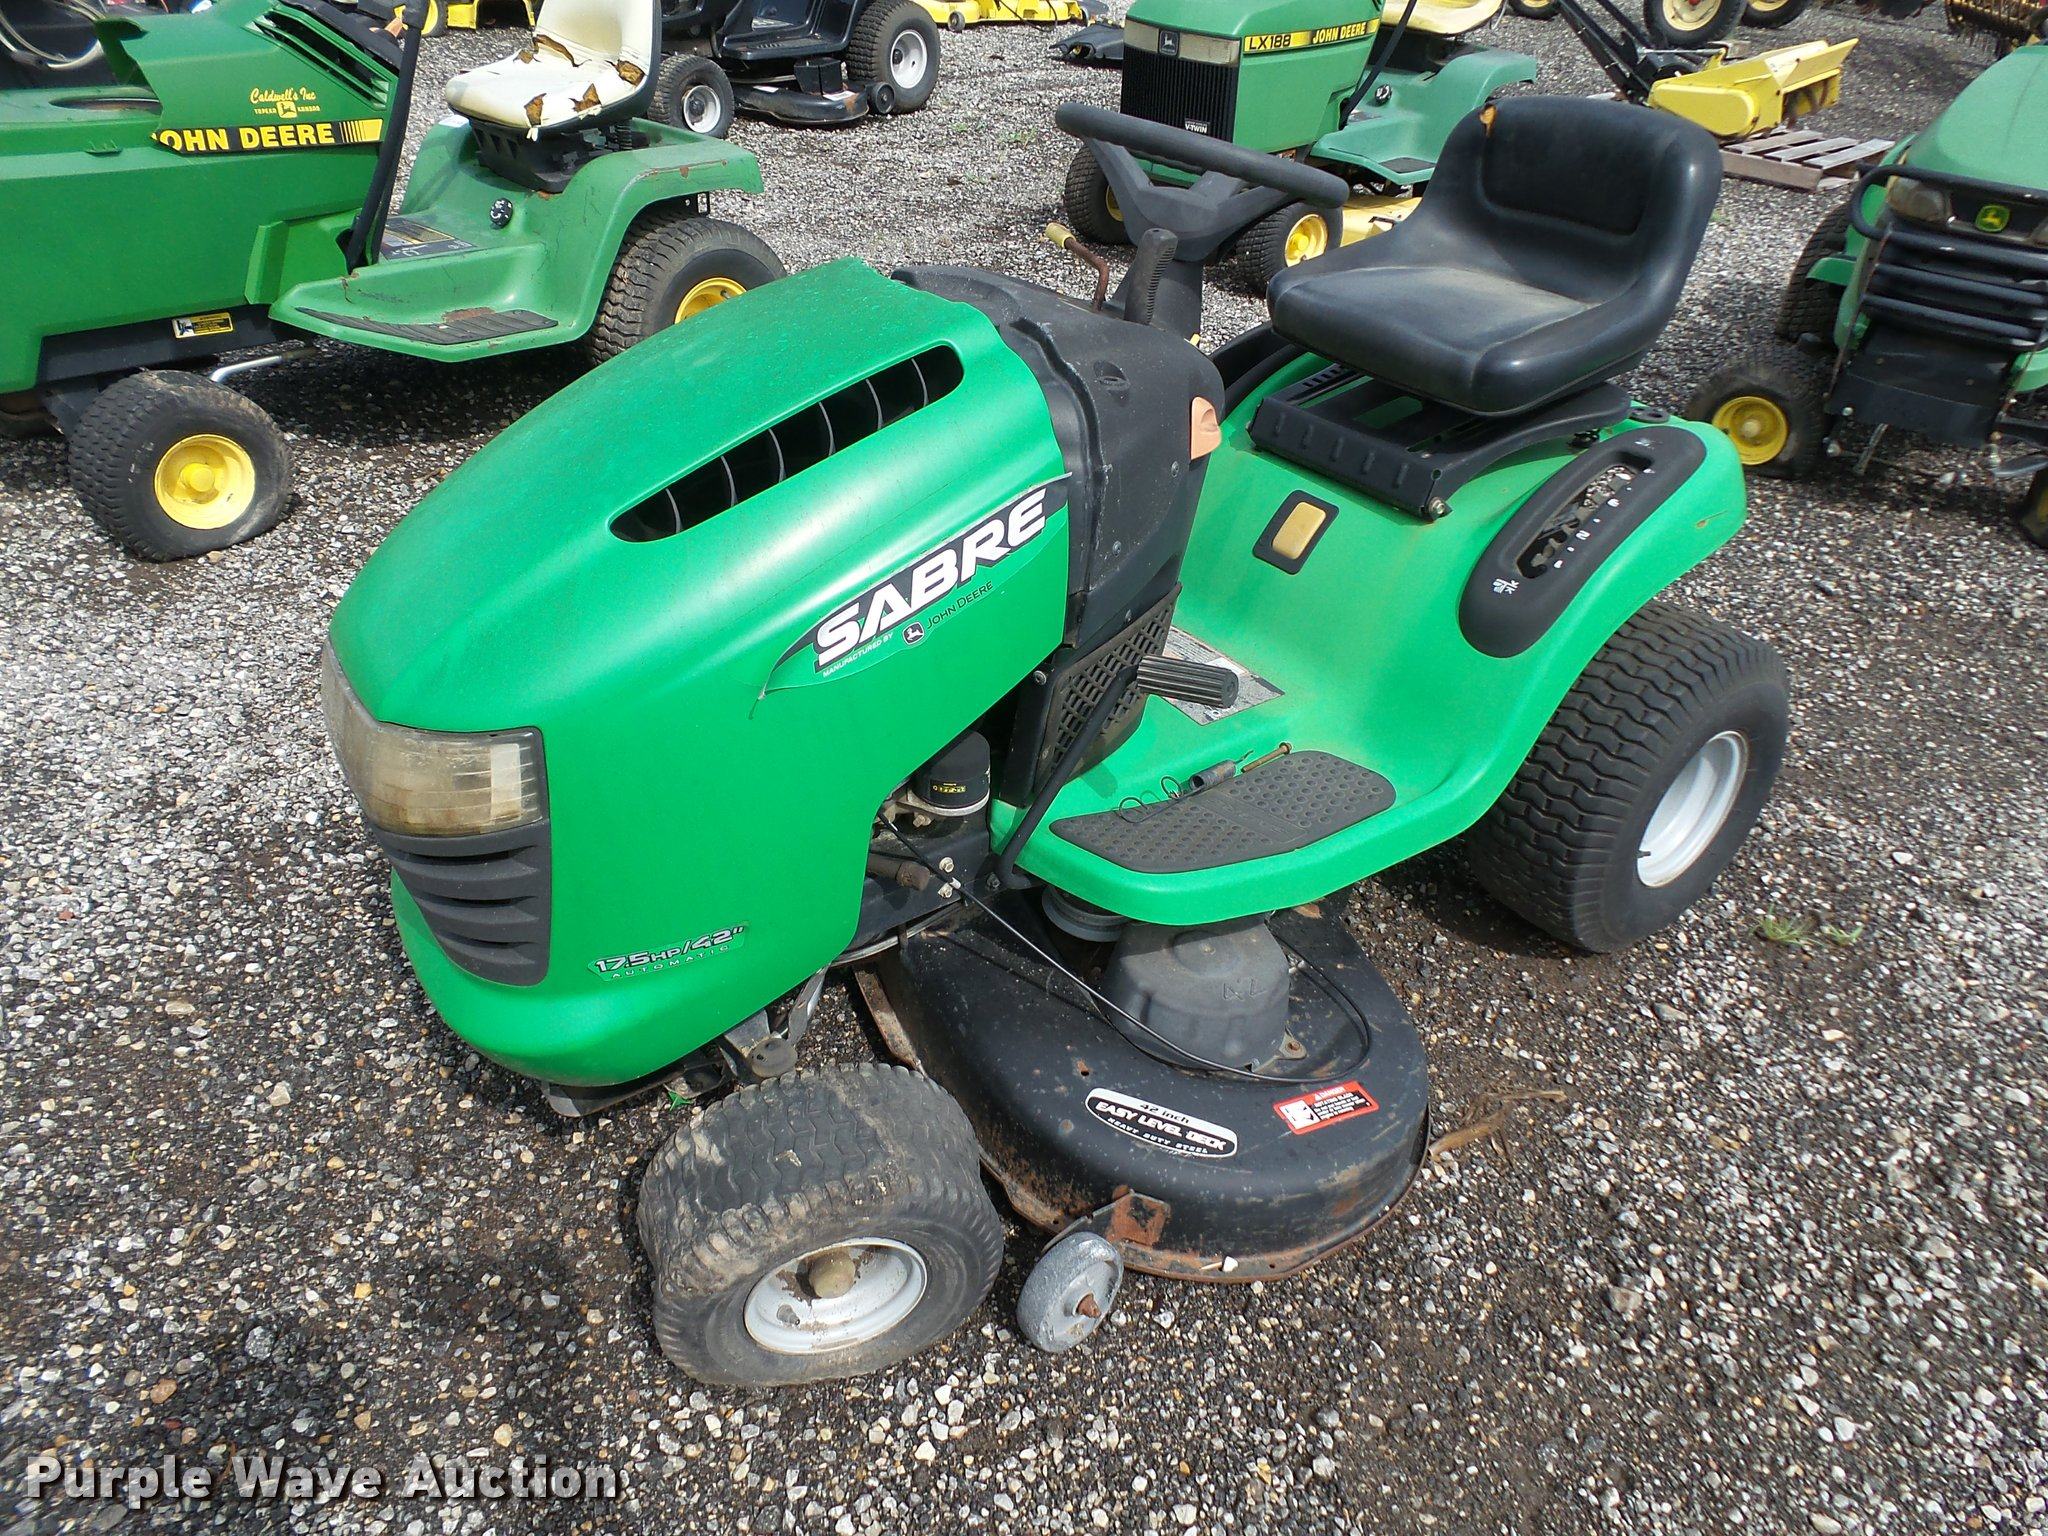 John Deere Sabre >> John Deere Sabre Lawn Mower Item Da1932 Sold August 30